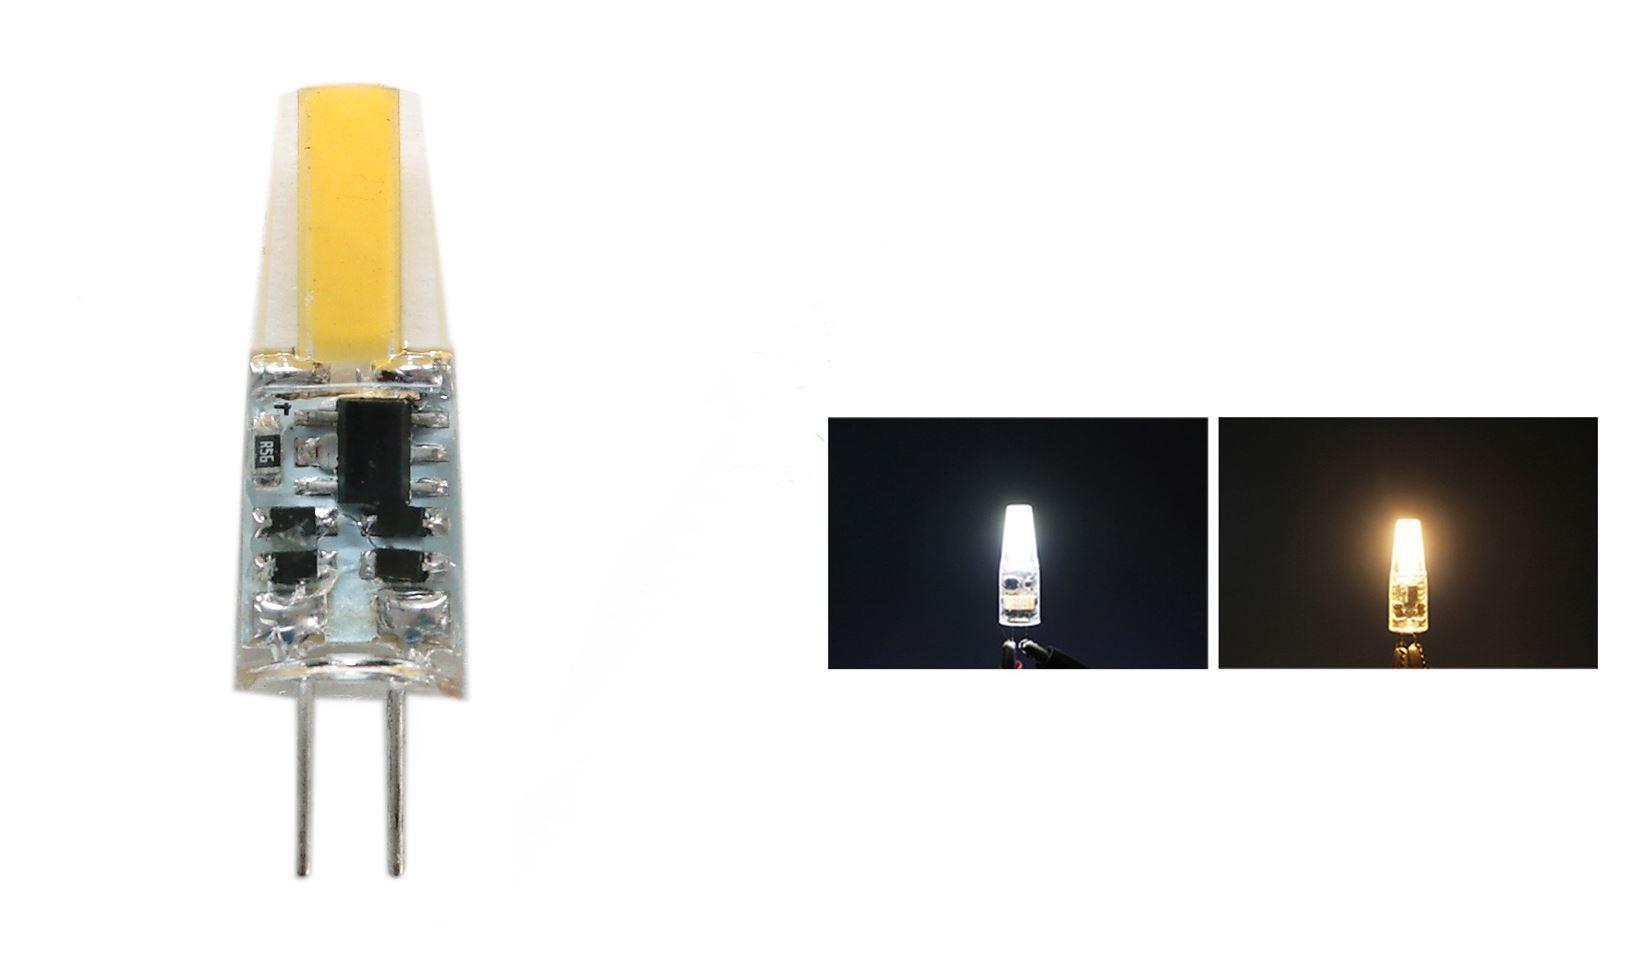 G4-LED-AC-DC-12V-220V-COB-Light-Bulb-Lamp-Car-Boat-Caravan-Direct-Halogen-Rep miniatuur 24